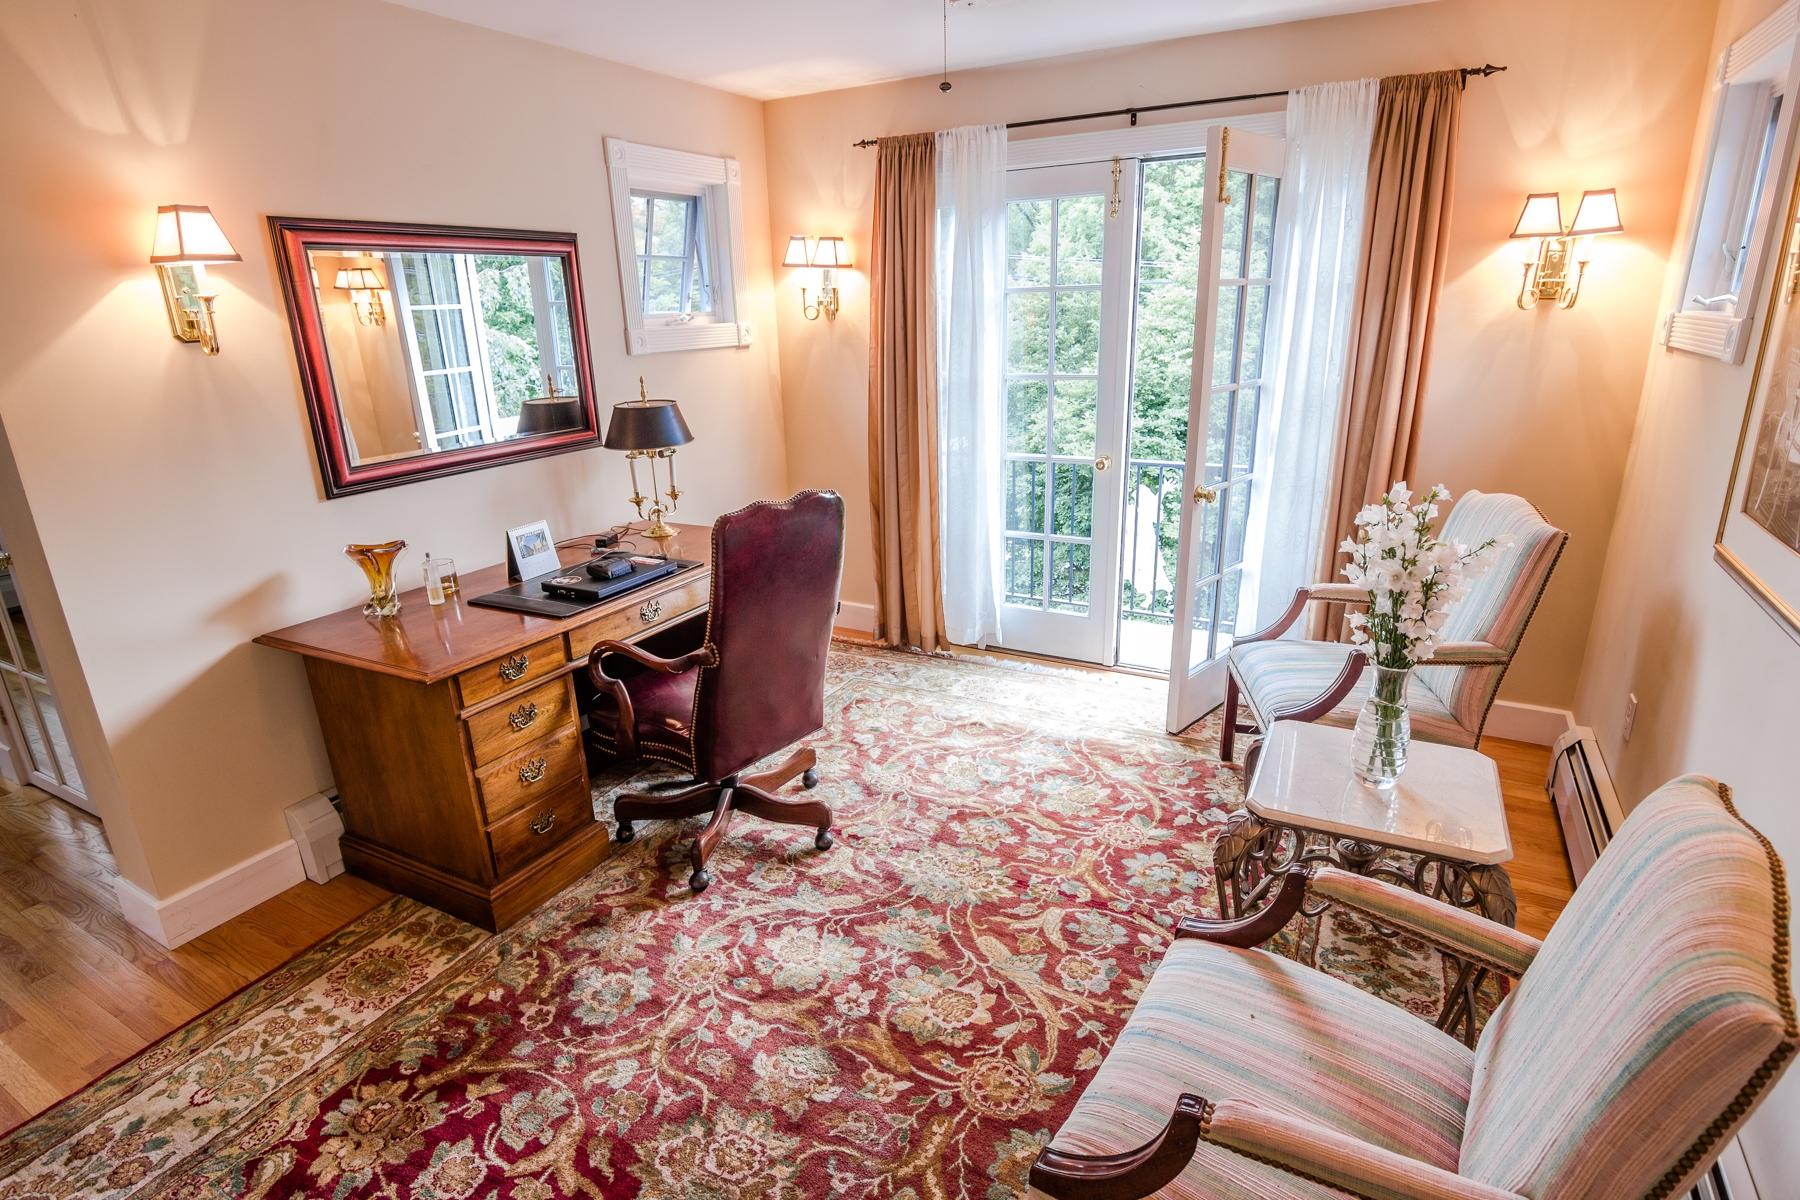 Частный односемейный дом для того Продажа на 92 South Main Street, Hanover Hanover, Нью-Гэмпшир 03755 Соединенные Штаты